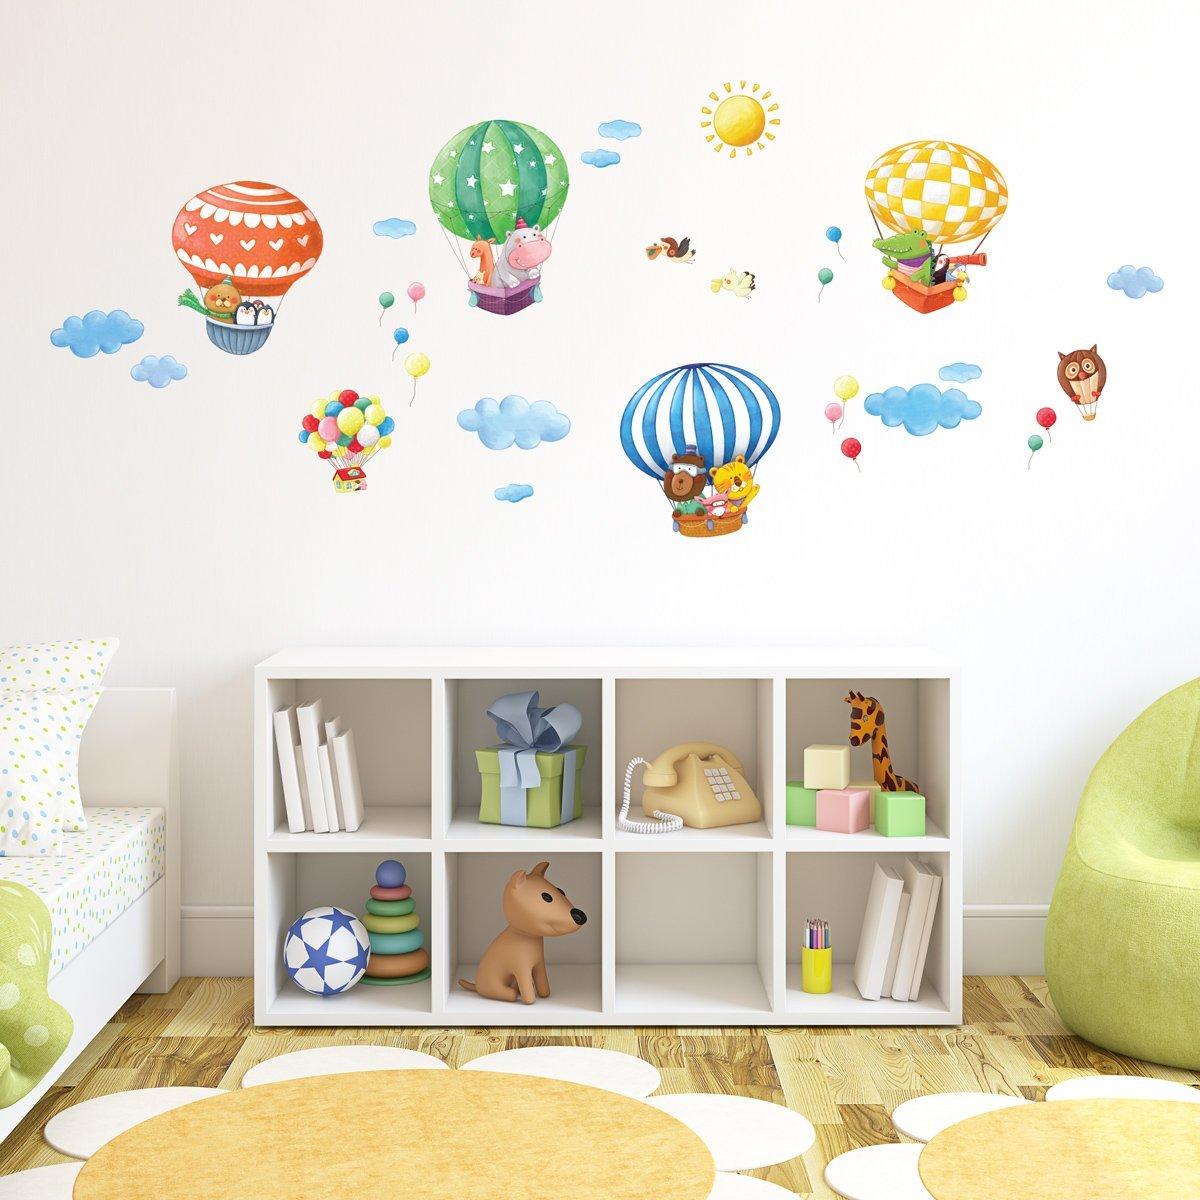 Decorazioni muri camerette decorazioni pareti camere da - Decorazioni muri camerette bambini ...